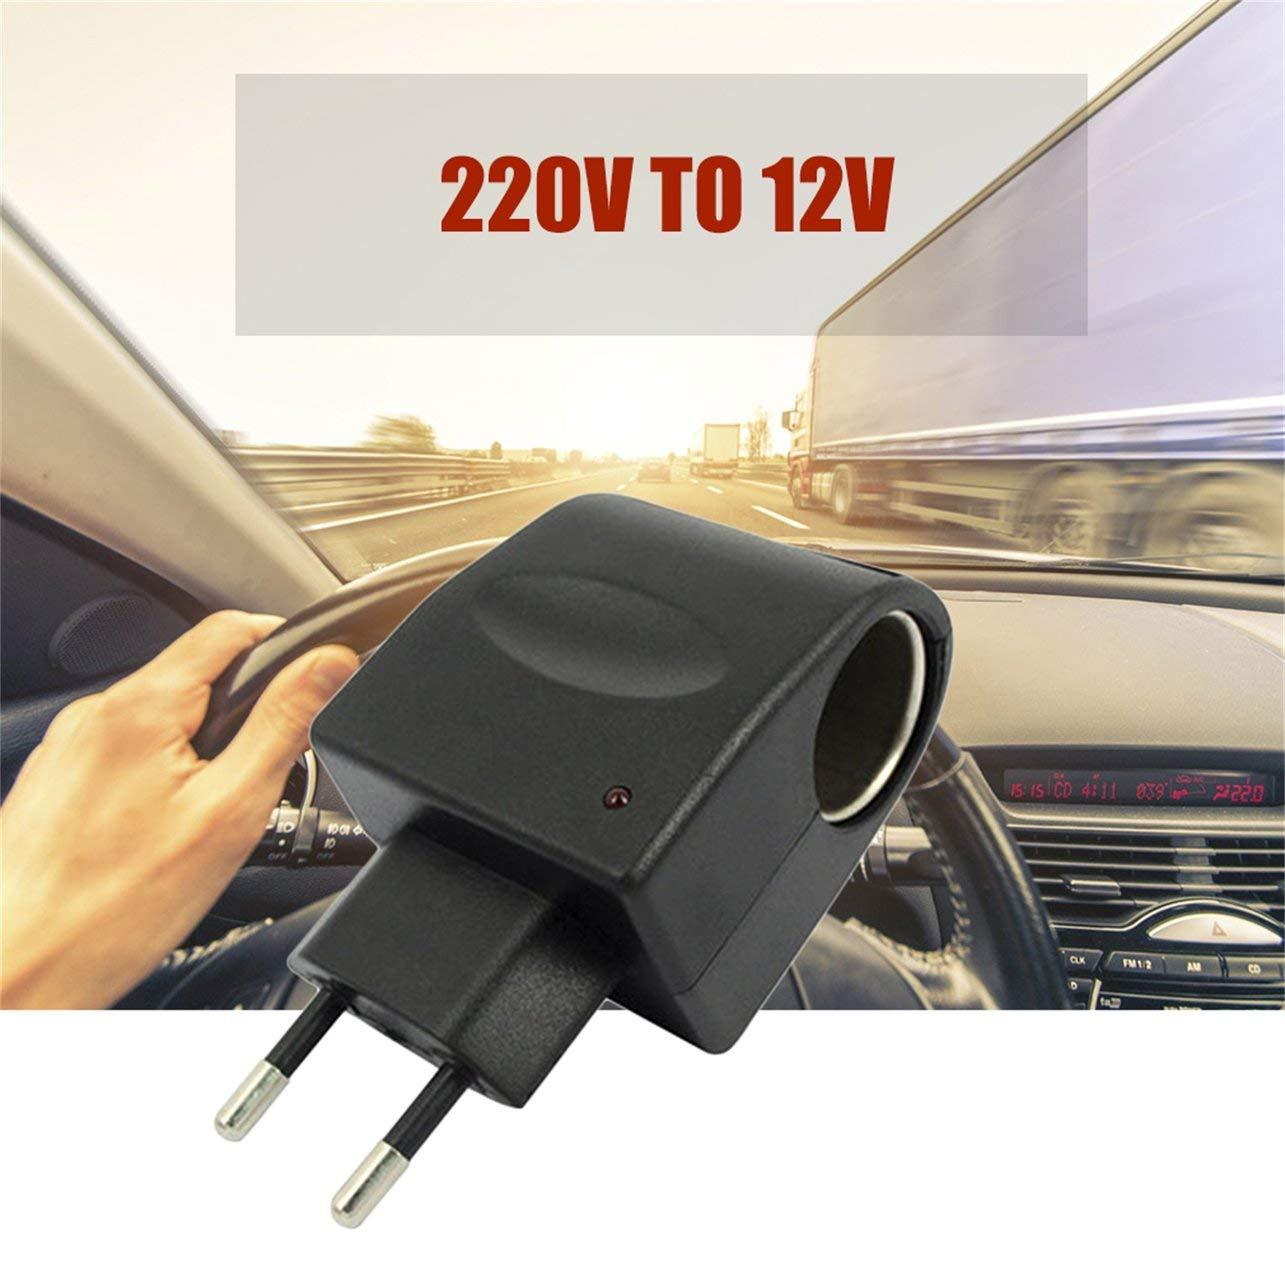 WOSOSYEYO 220V CA al Adaptador de Cigarrillos del convertidor DC 12V Automotive alimentaci/ón de energ/ía del alumbrador del Enchufe del z/ócalo Accesorios del Coche autom/ático de Pieza de Recambio